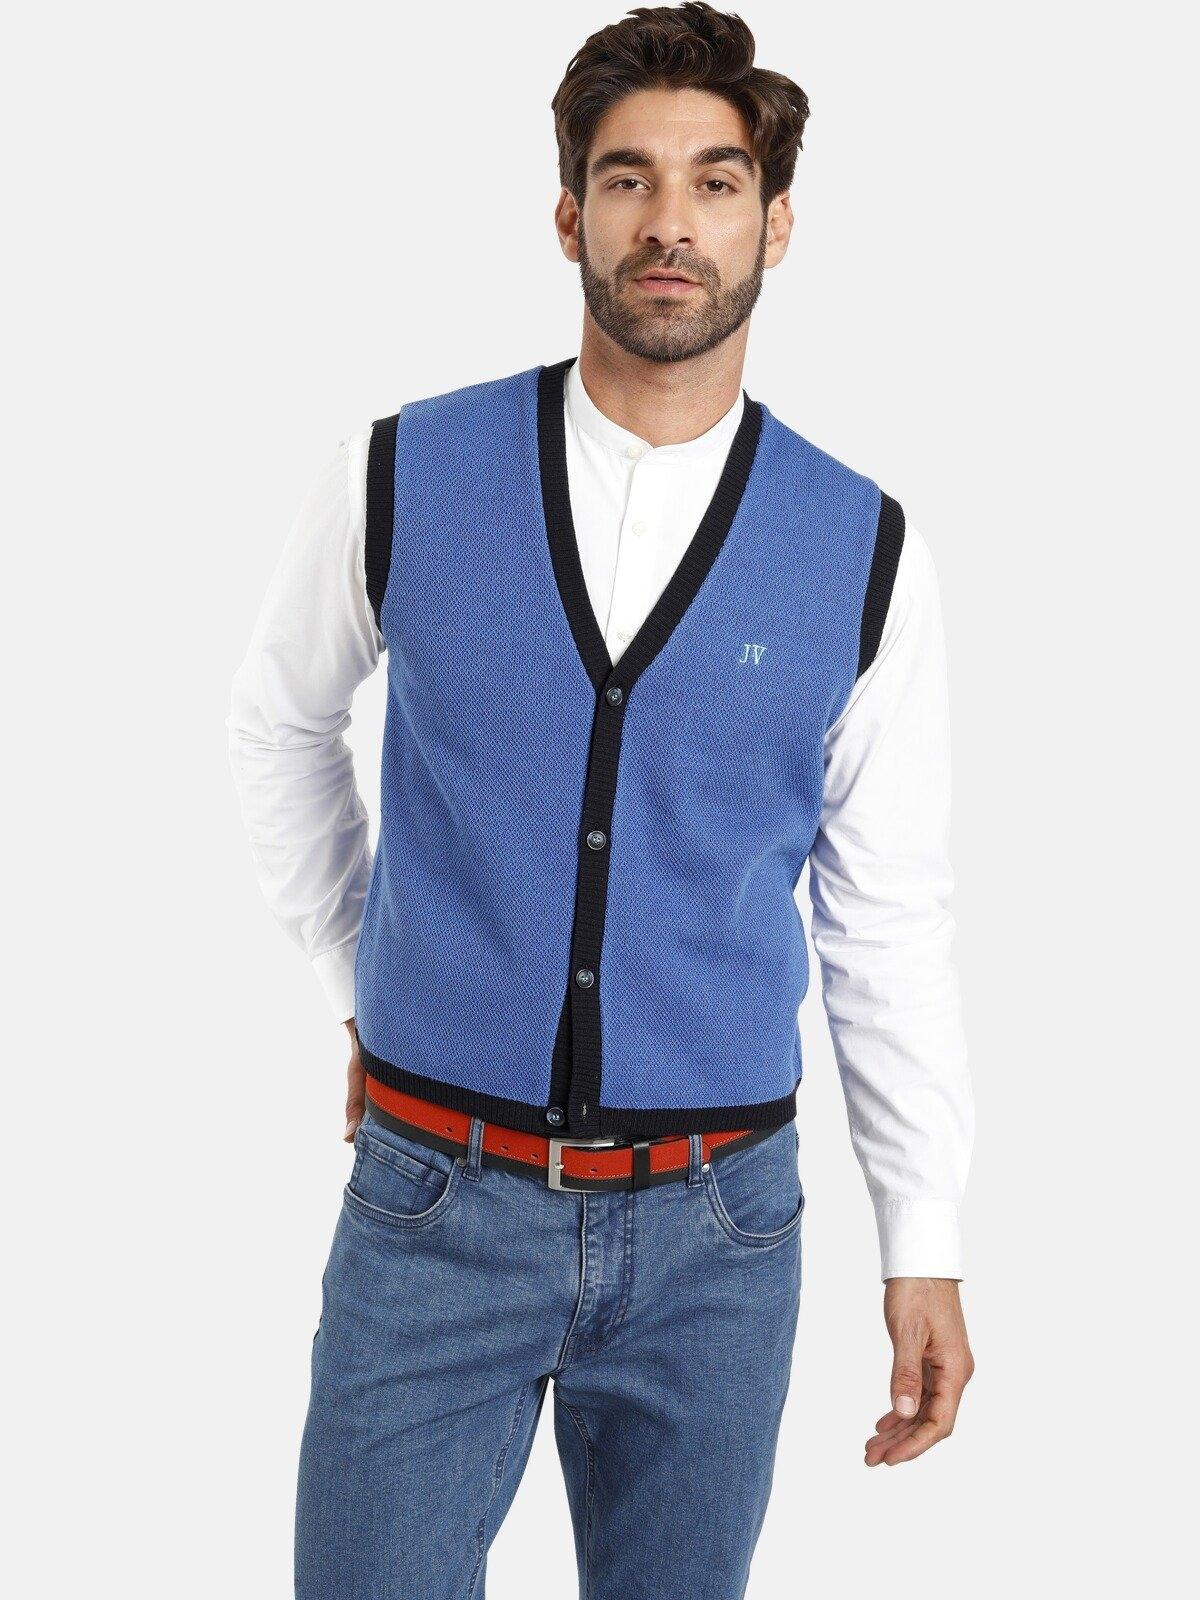 Jan Vanderstorm mouwloos vest OLVE Colourblocking, comfort fit voordelig en veilig online kopen